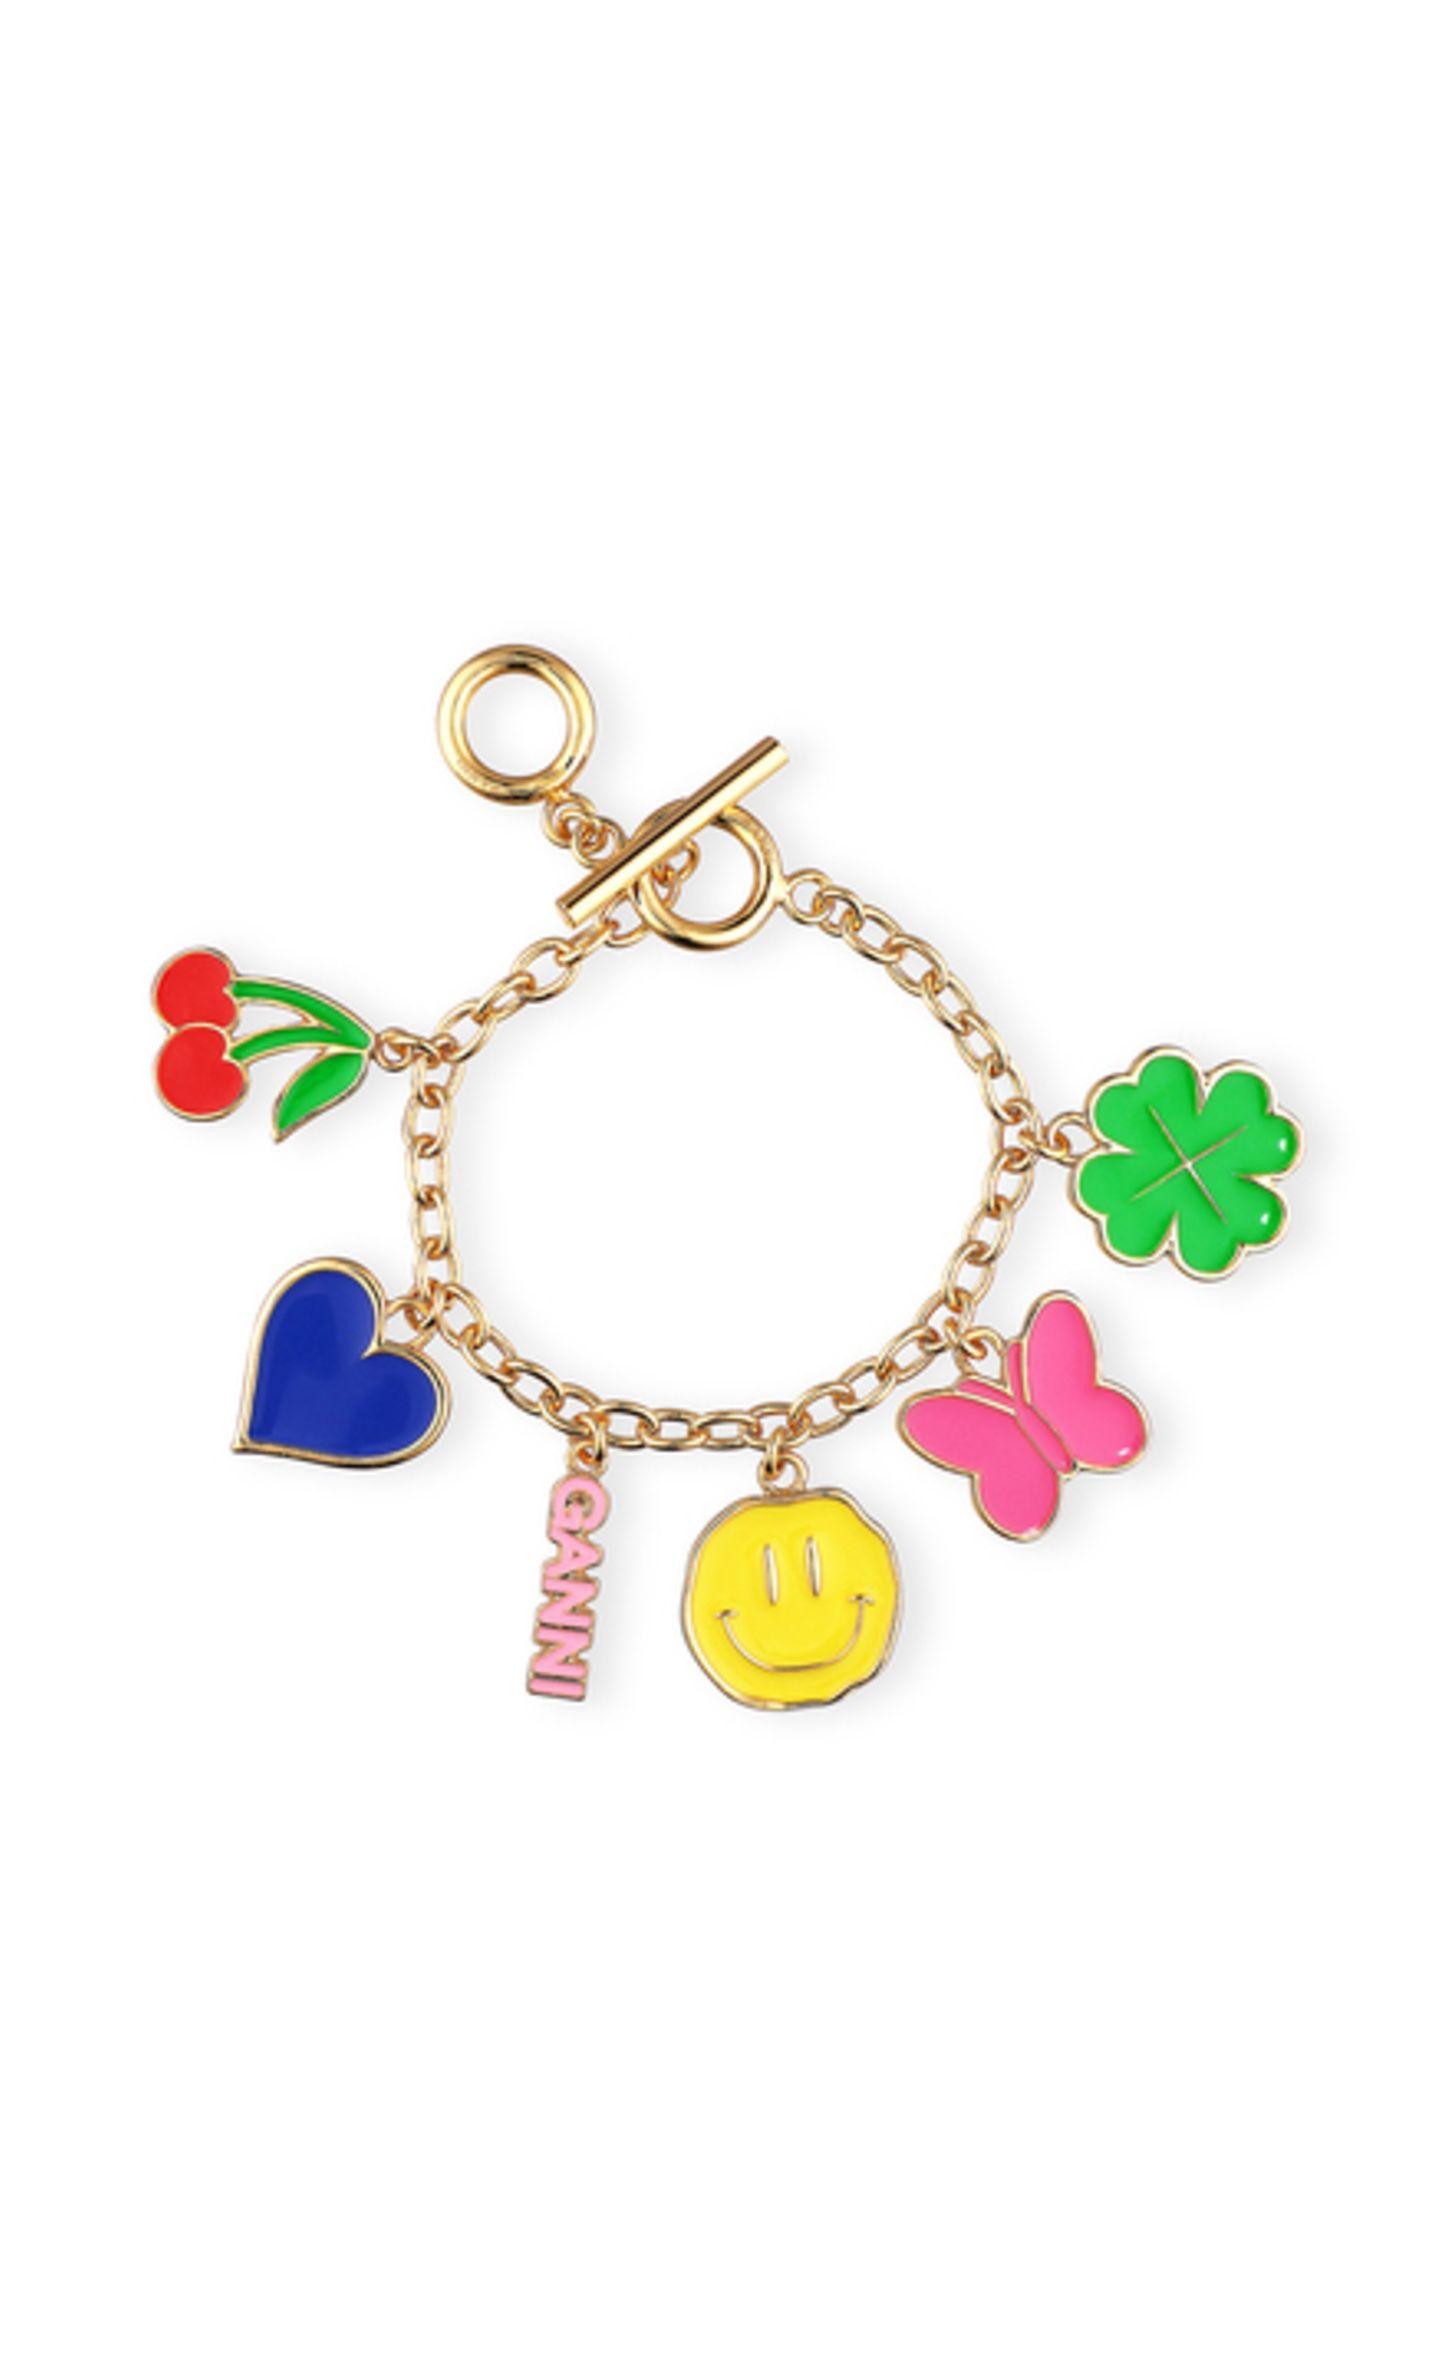 Also, wenn dieses Armband einem nicht ein Lächeln ins Gesicht zaubert, wissen wir auch nicht weiter! Das super süße Schmuckstück von Ganni sorgt nicht nur für Farbe, sondern definitiv auch gute Laune im Alltag. Ca. 75 Euro.